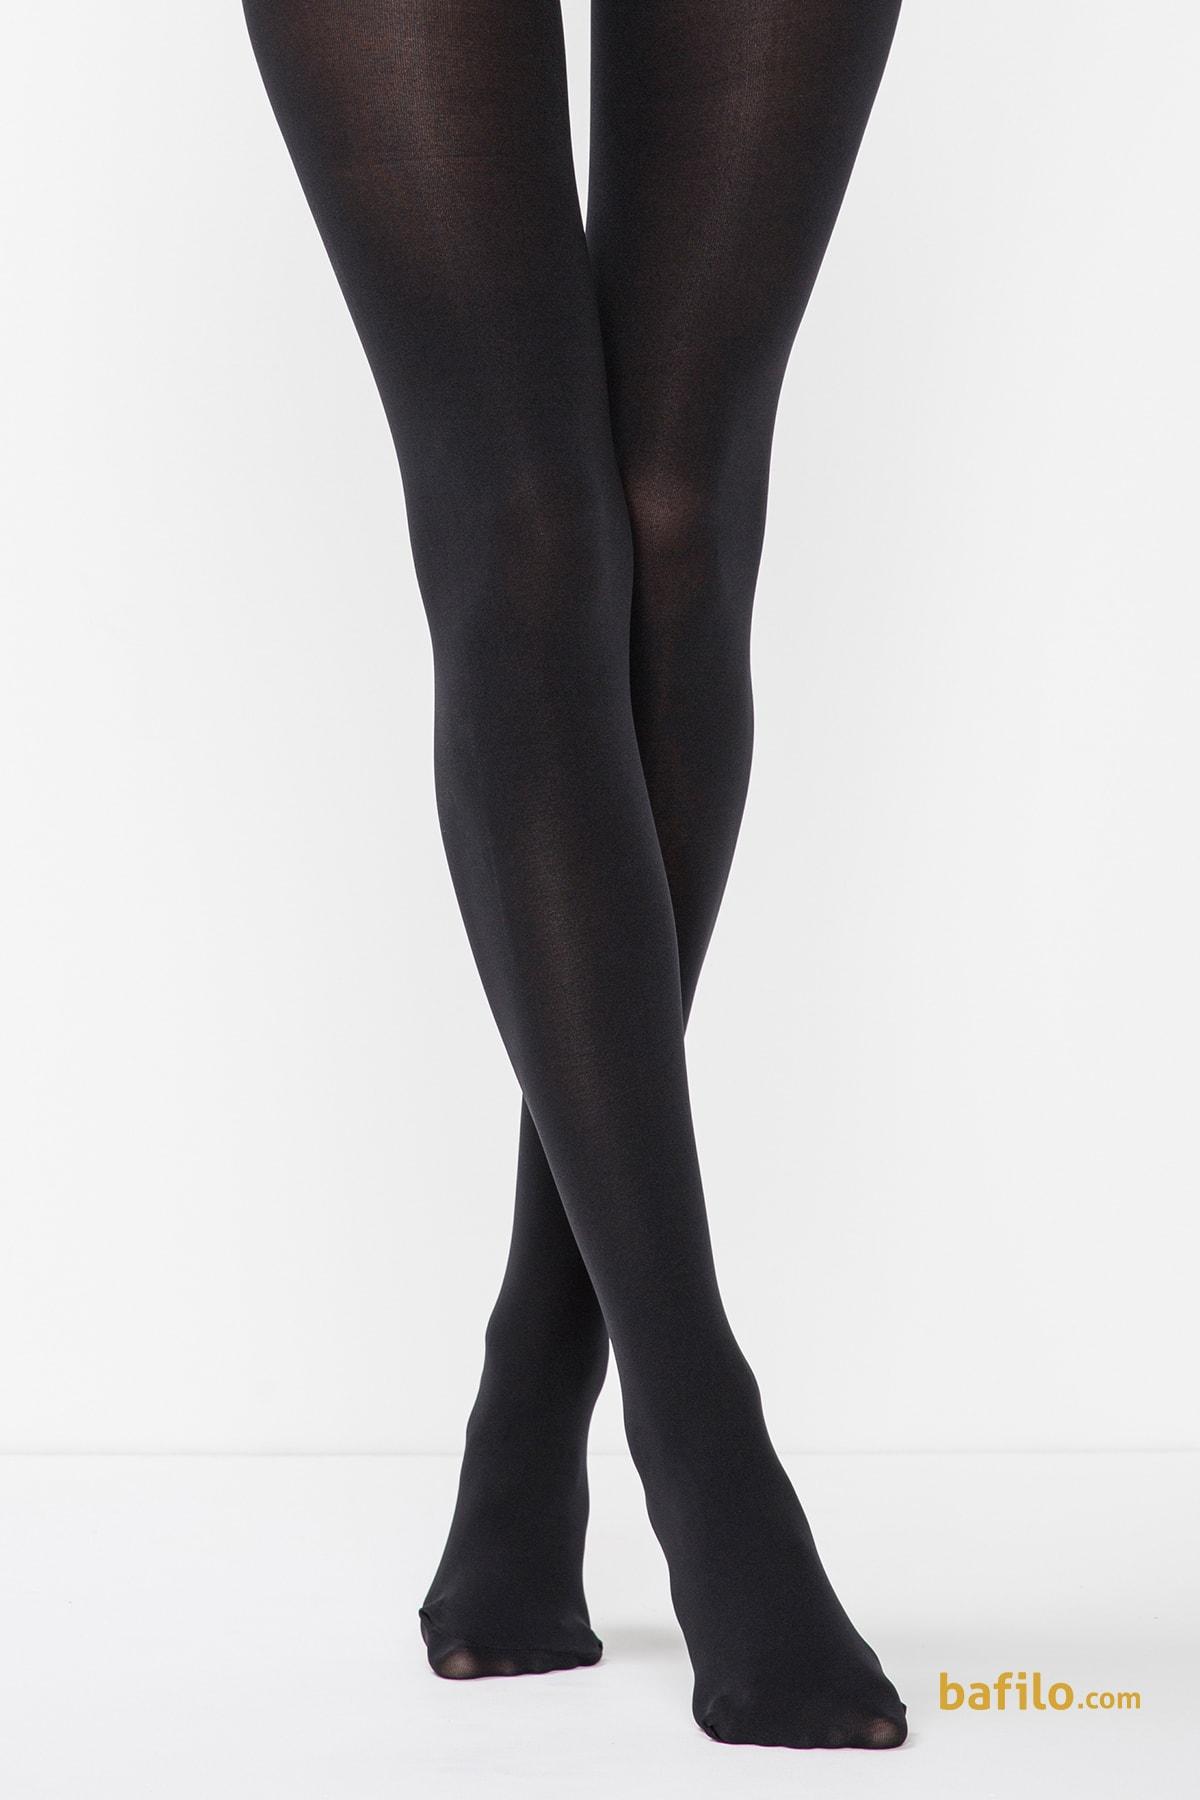 پنتی | Penti - جوراب شلواری زنانه پنتی Mikro 80 مشکی